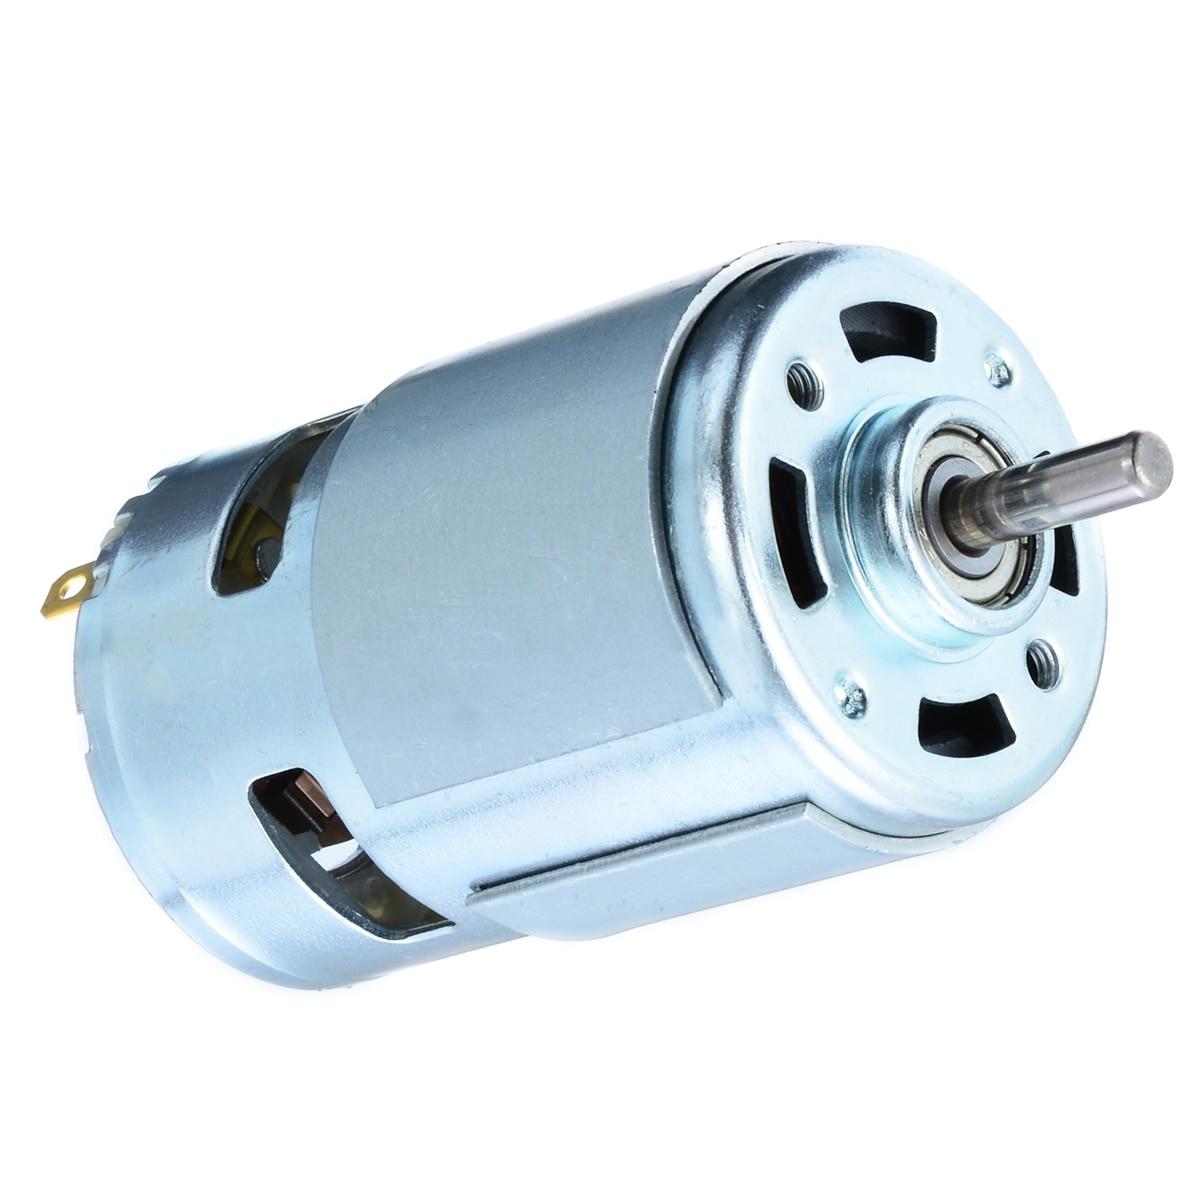 1 unid Durable Micro Motor DC12-24V 150 W 13000-15000 RPM 775 de potencia de alta velocidad Moto 5mm del eje para el lavado de coches de pulverizador de bomba de herramienta eléctrica